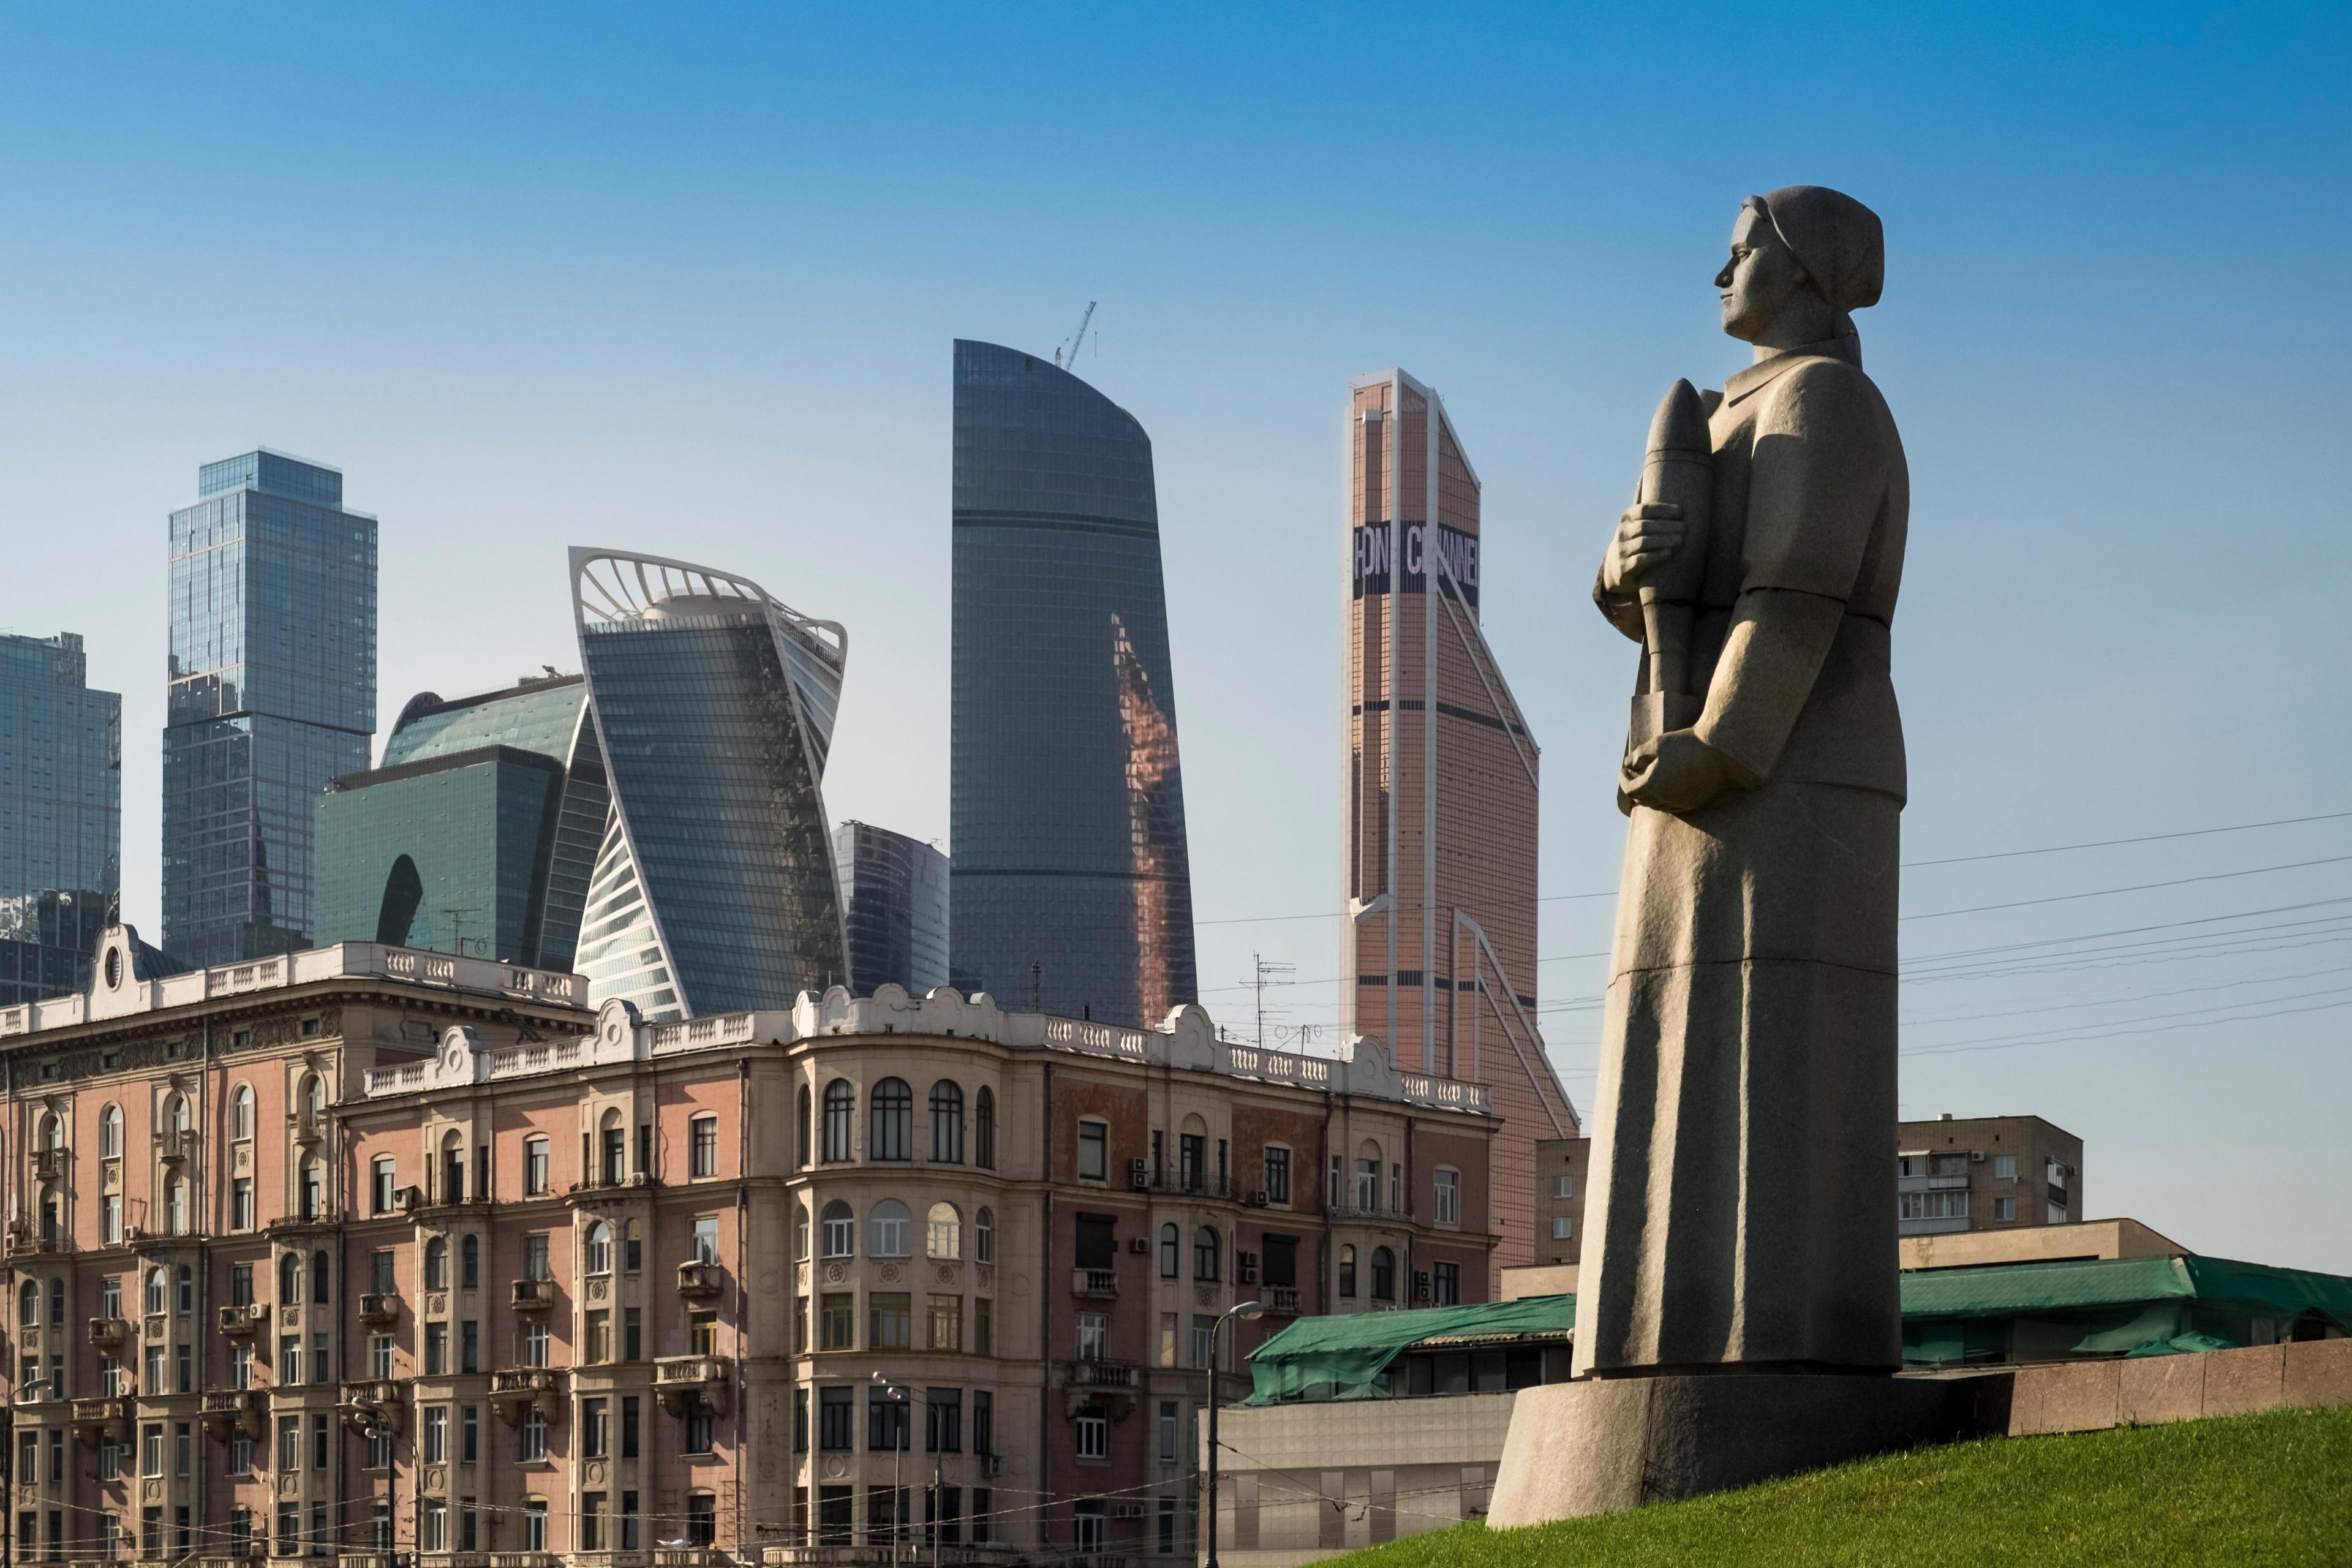 Dritter Verkehrsring, Moskau, Russland